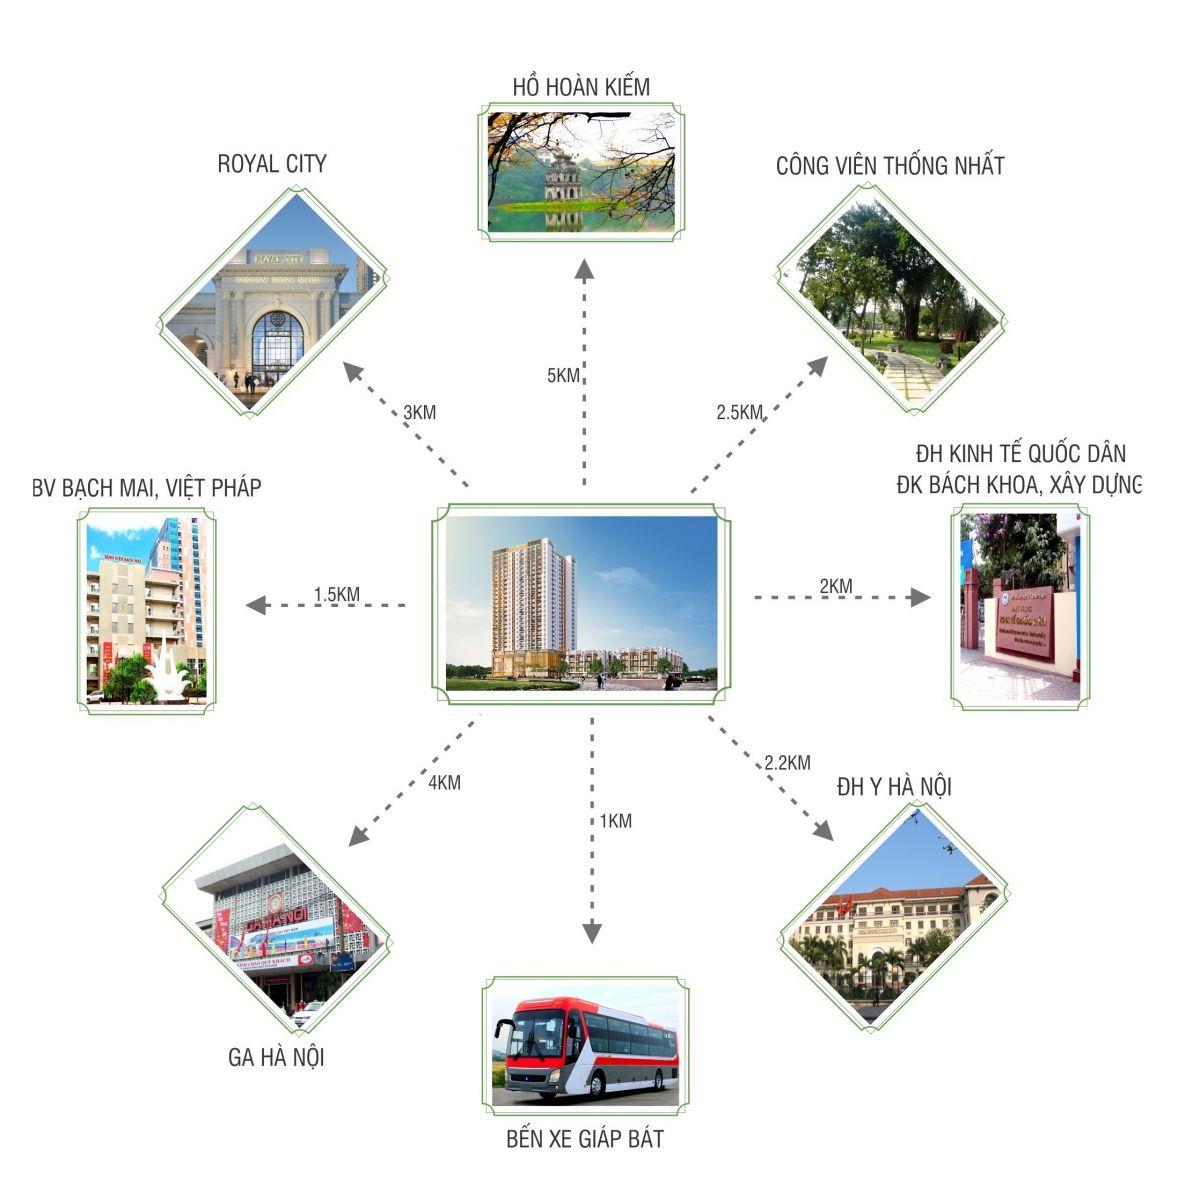 Kết nối khu vực Hoàn hảo là điểm cộng của Dự án 120 Định Công